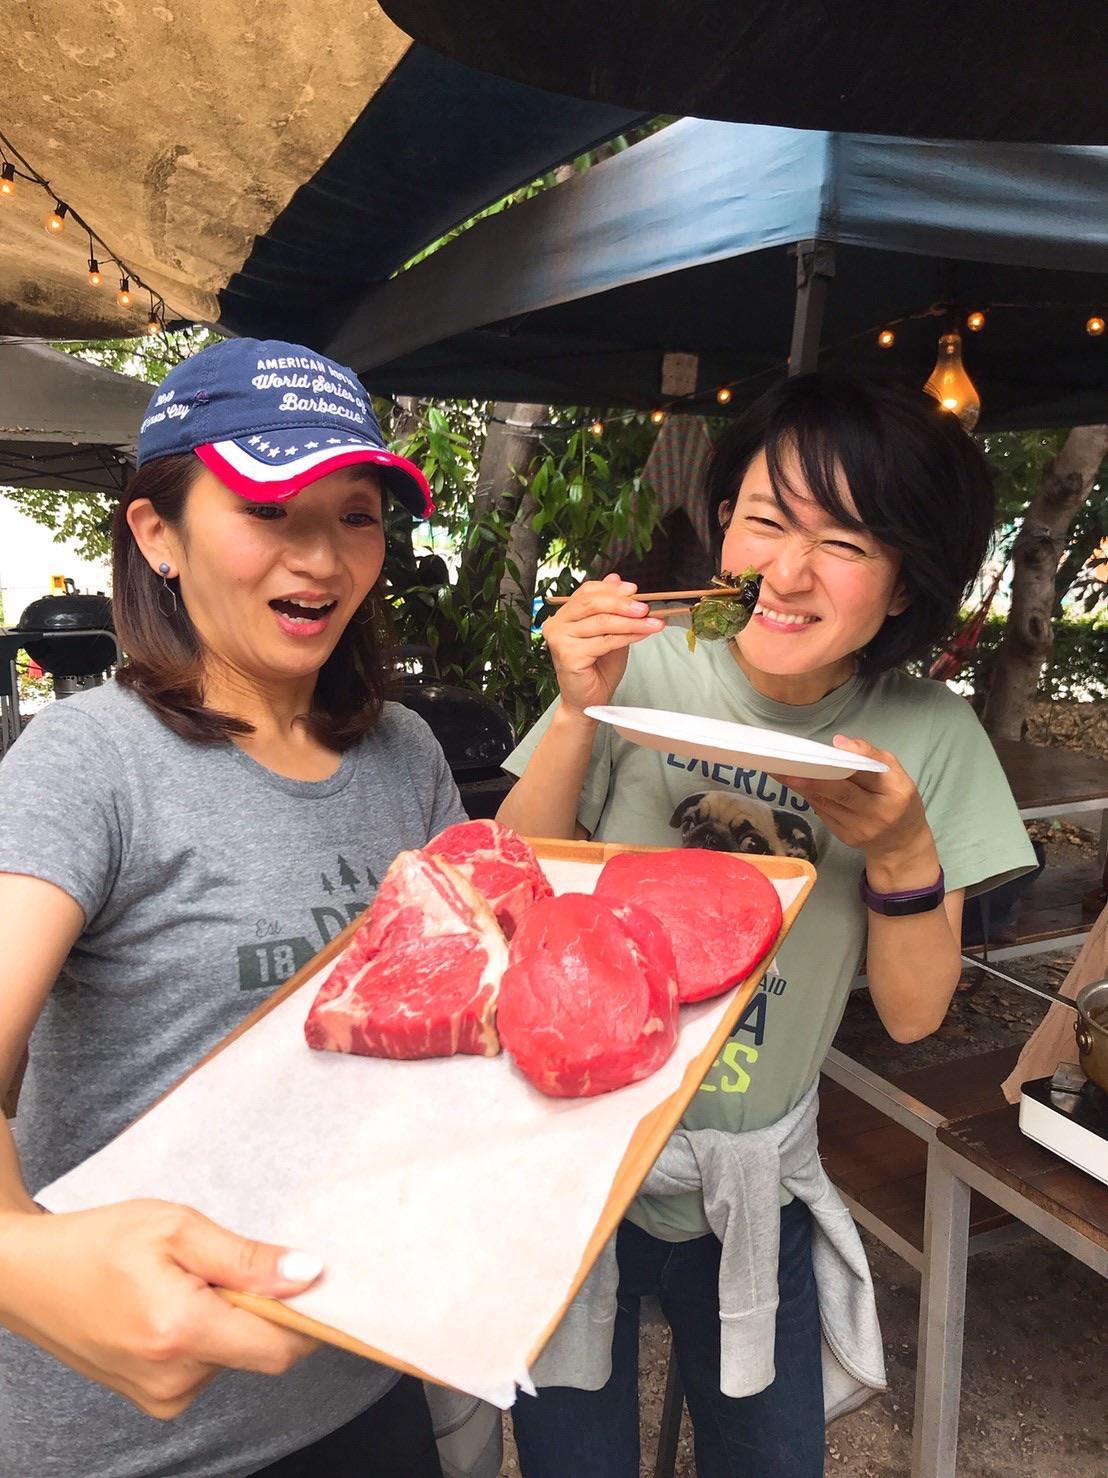 美味しいお肉をみんなで堪能させていただきました〜🎶